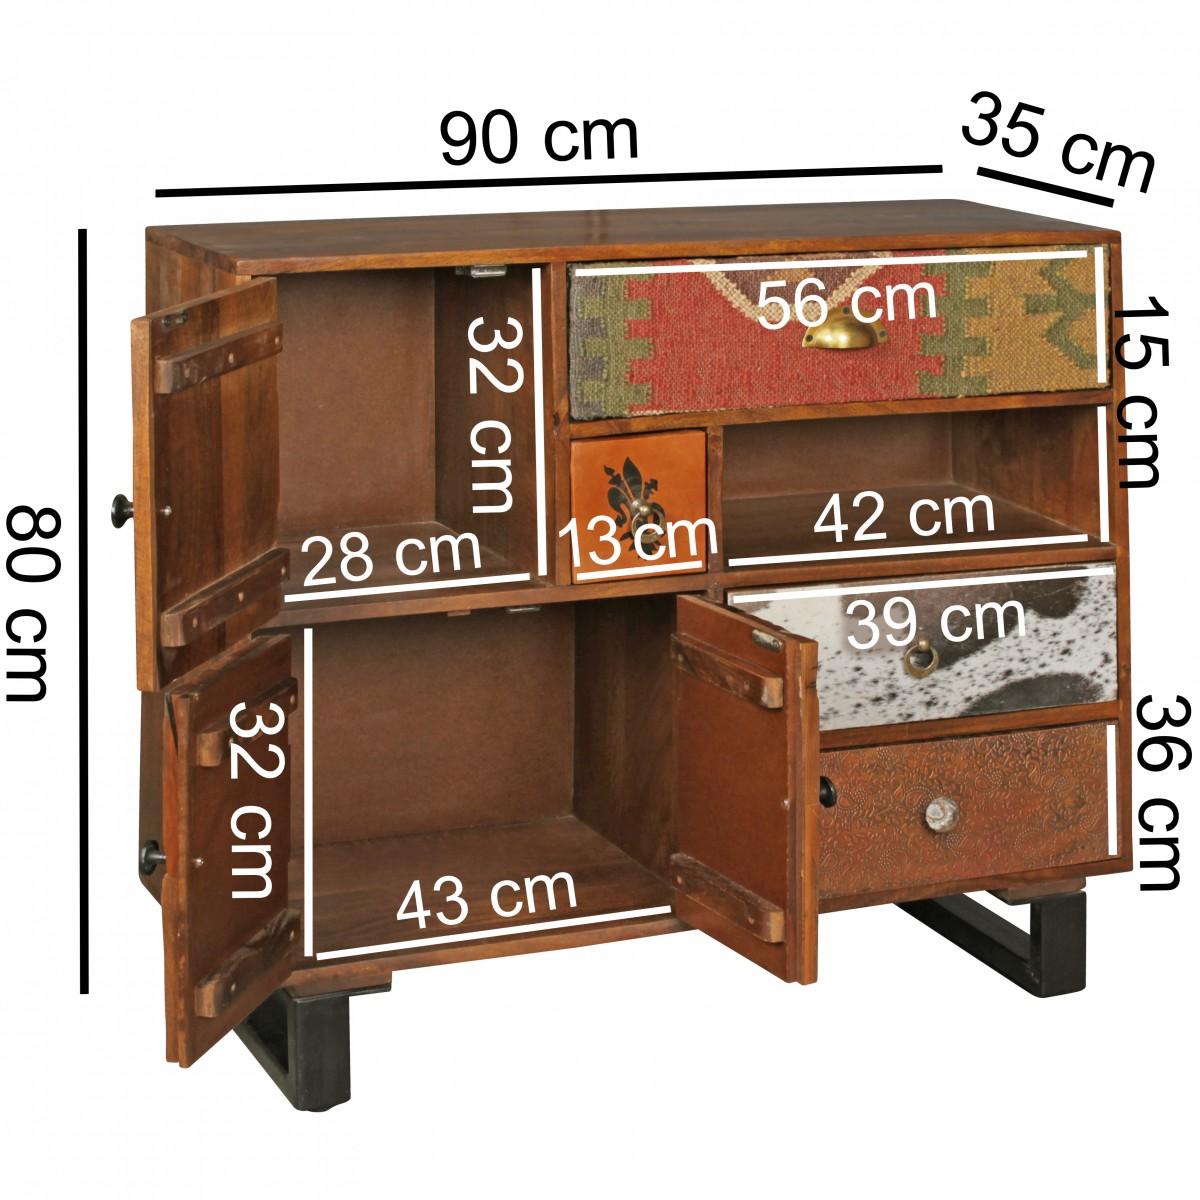 finebuy schrank kanpur 90 x 35 x 80 cm massiv holz highboard mango natur landhaus stil kommode. Black Bedroom Furniture Sets. Home Design Ideas